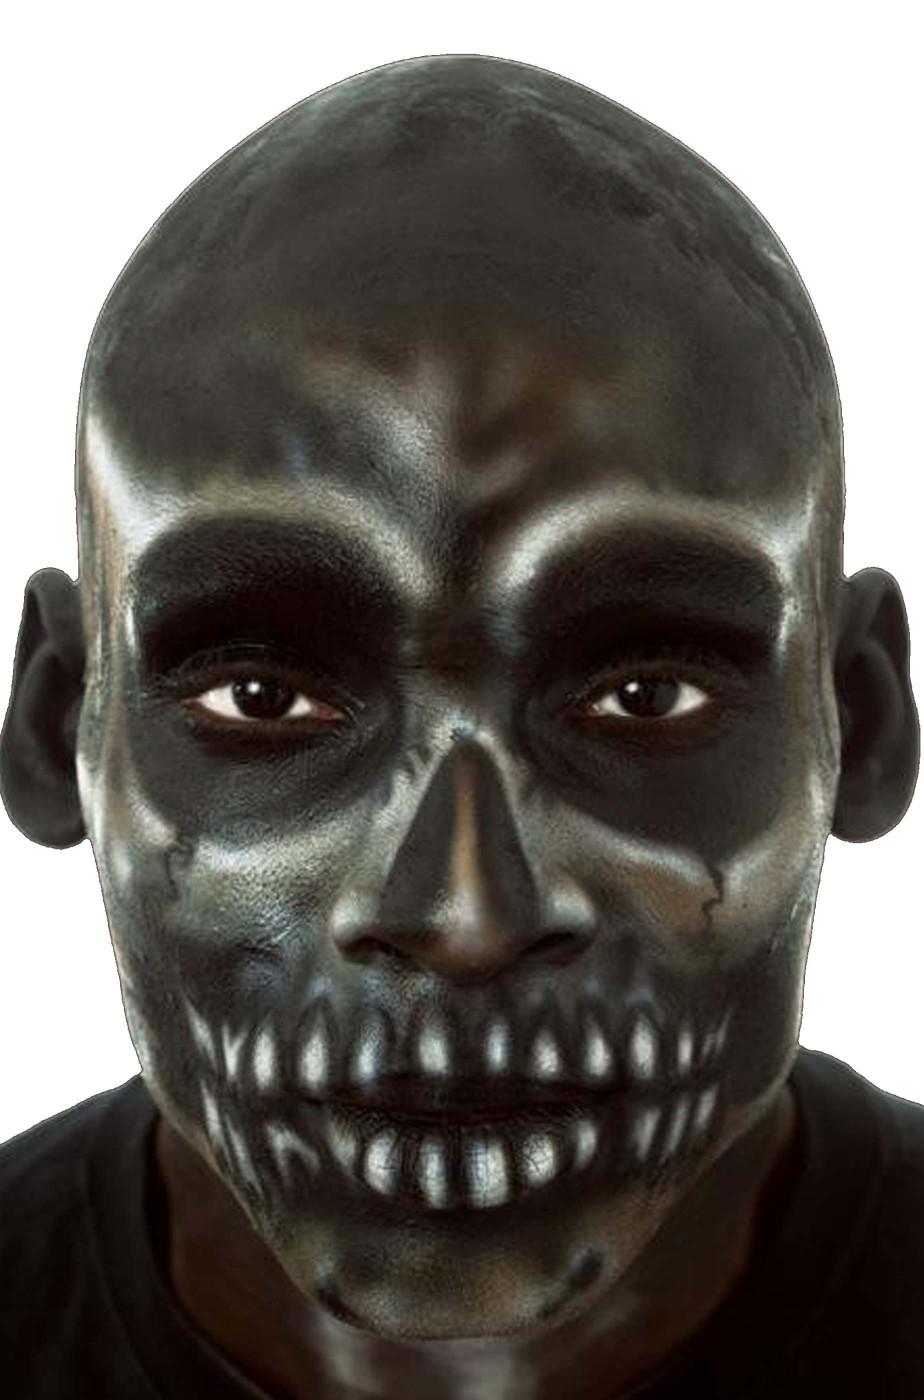 Parrucca unisex pelata nera